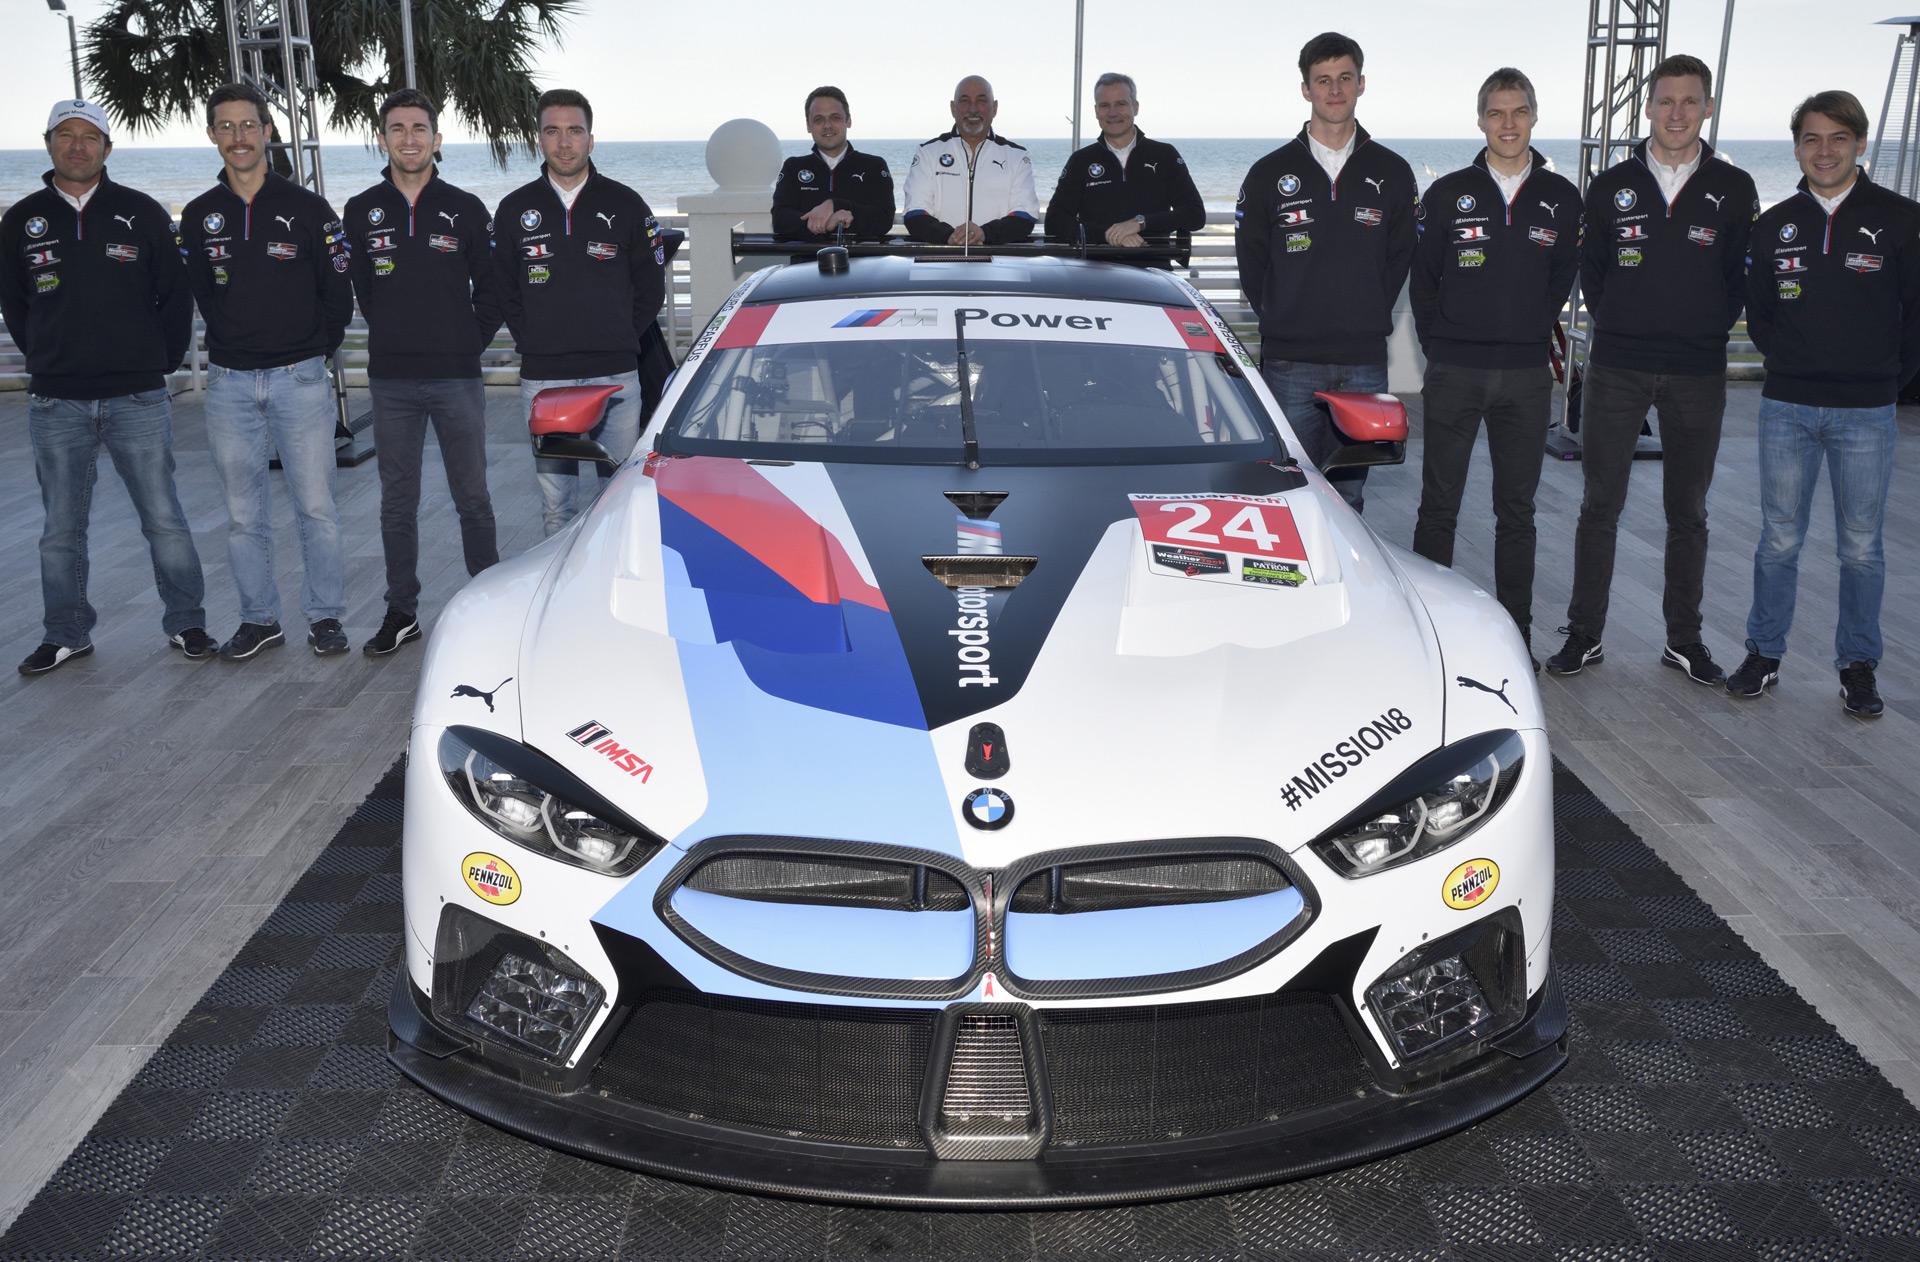 Bmw M8 2015 >> Bmw M8 Race Car Revealed